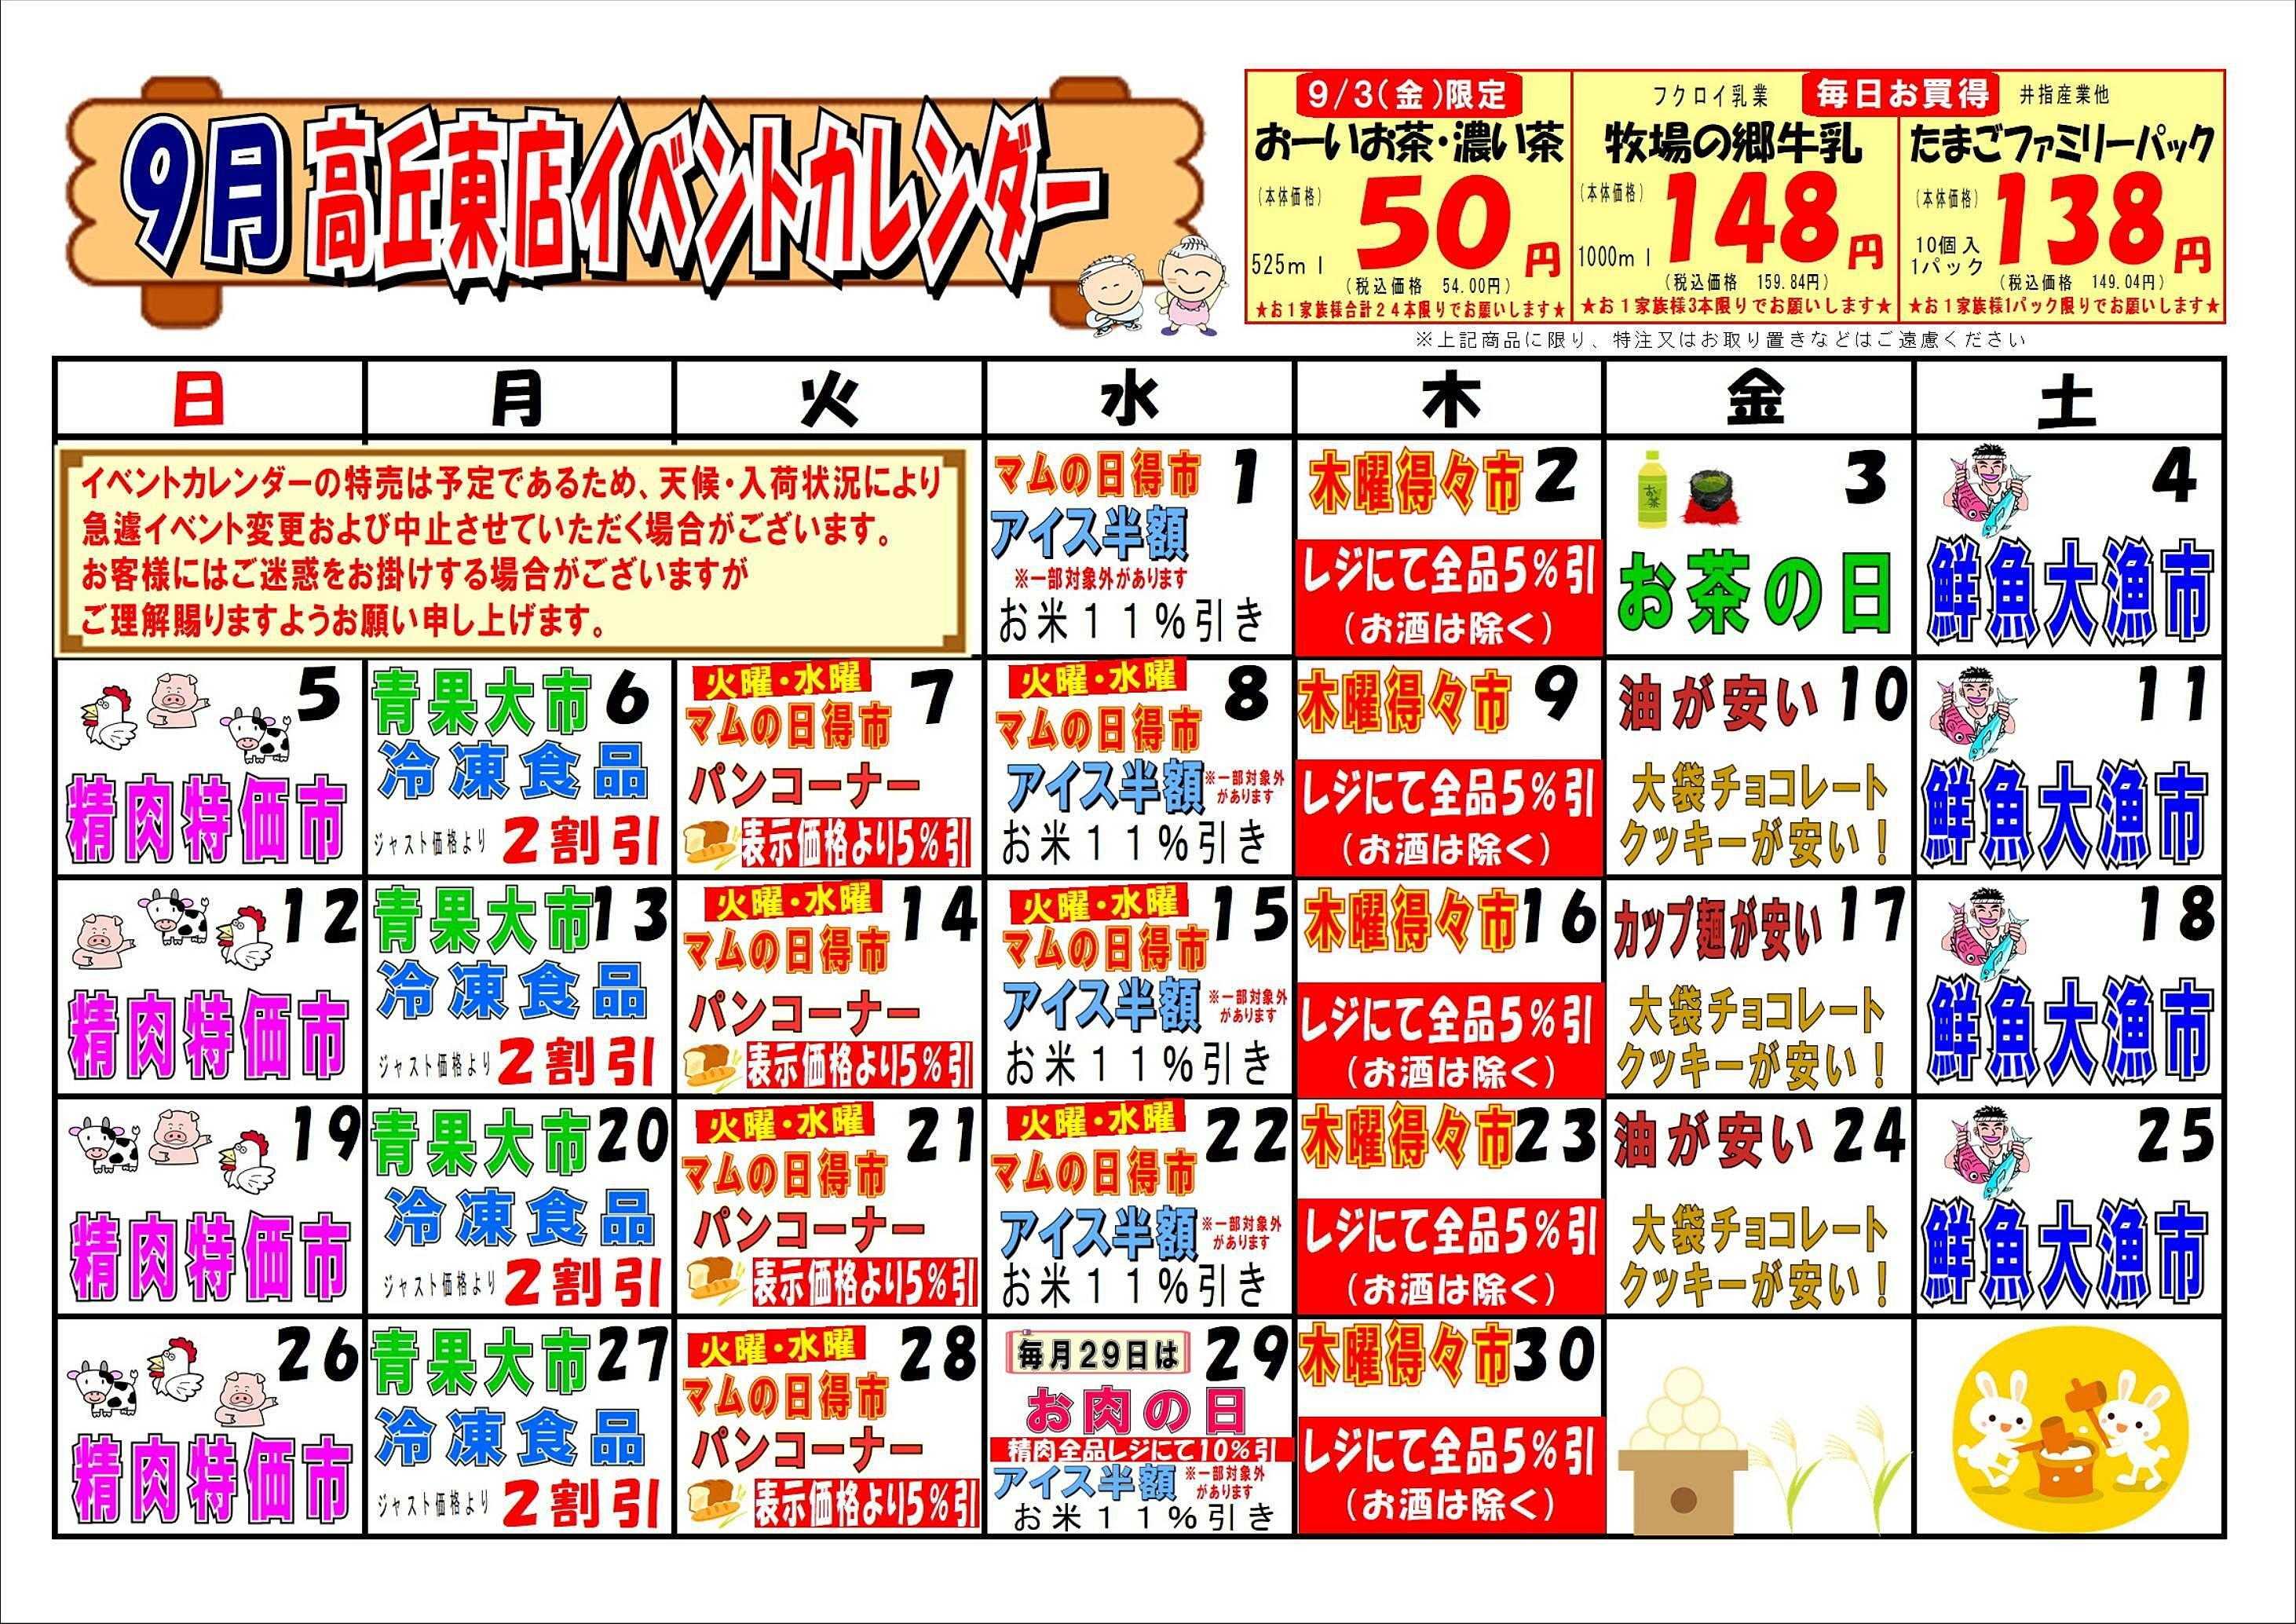 フードマーケット マム マム高丘東店イベントカレンダー